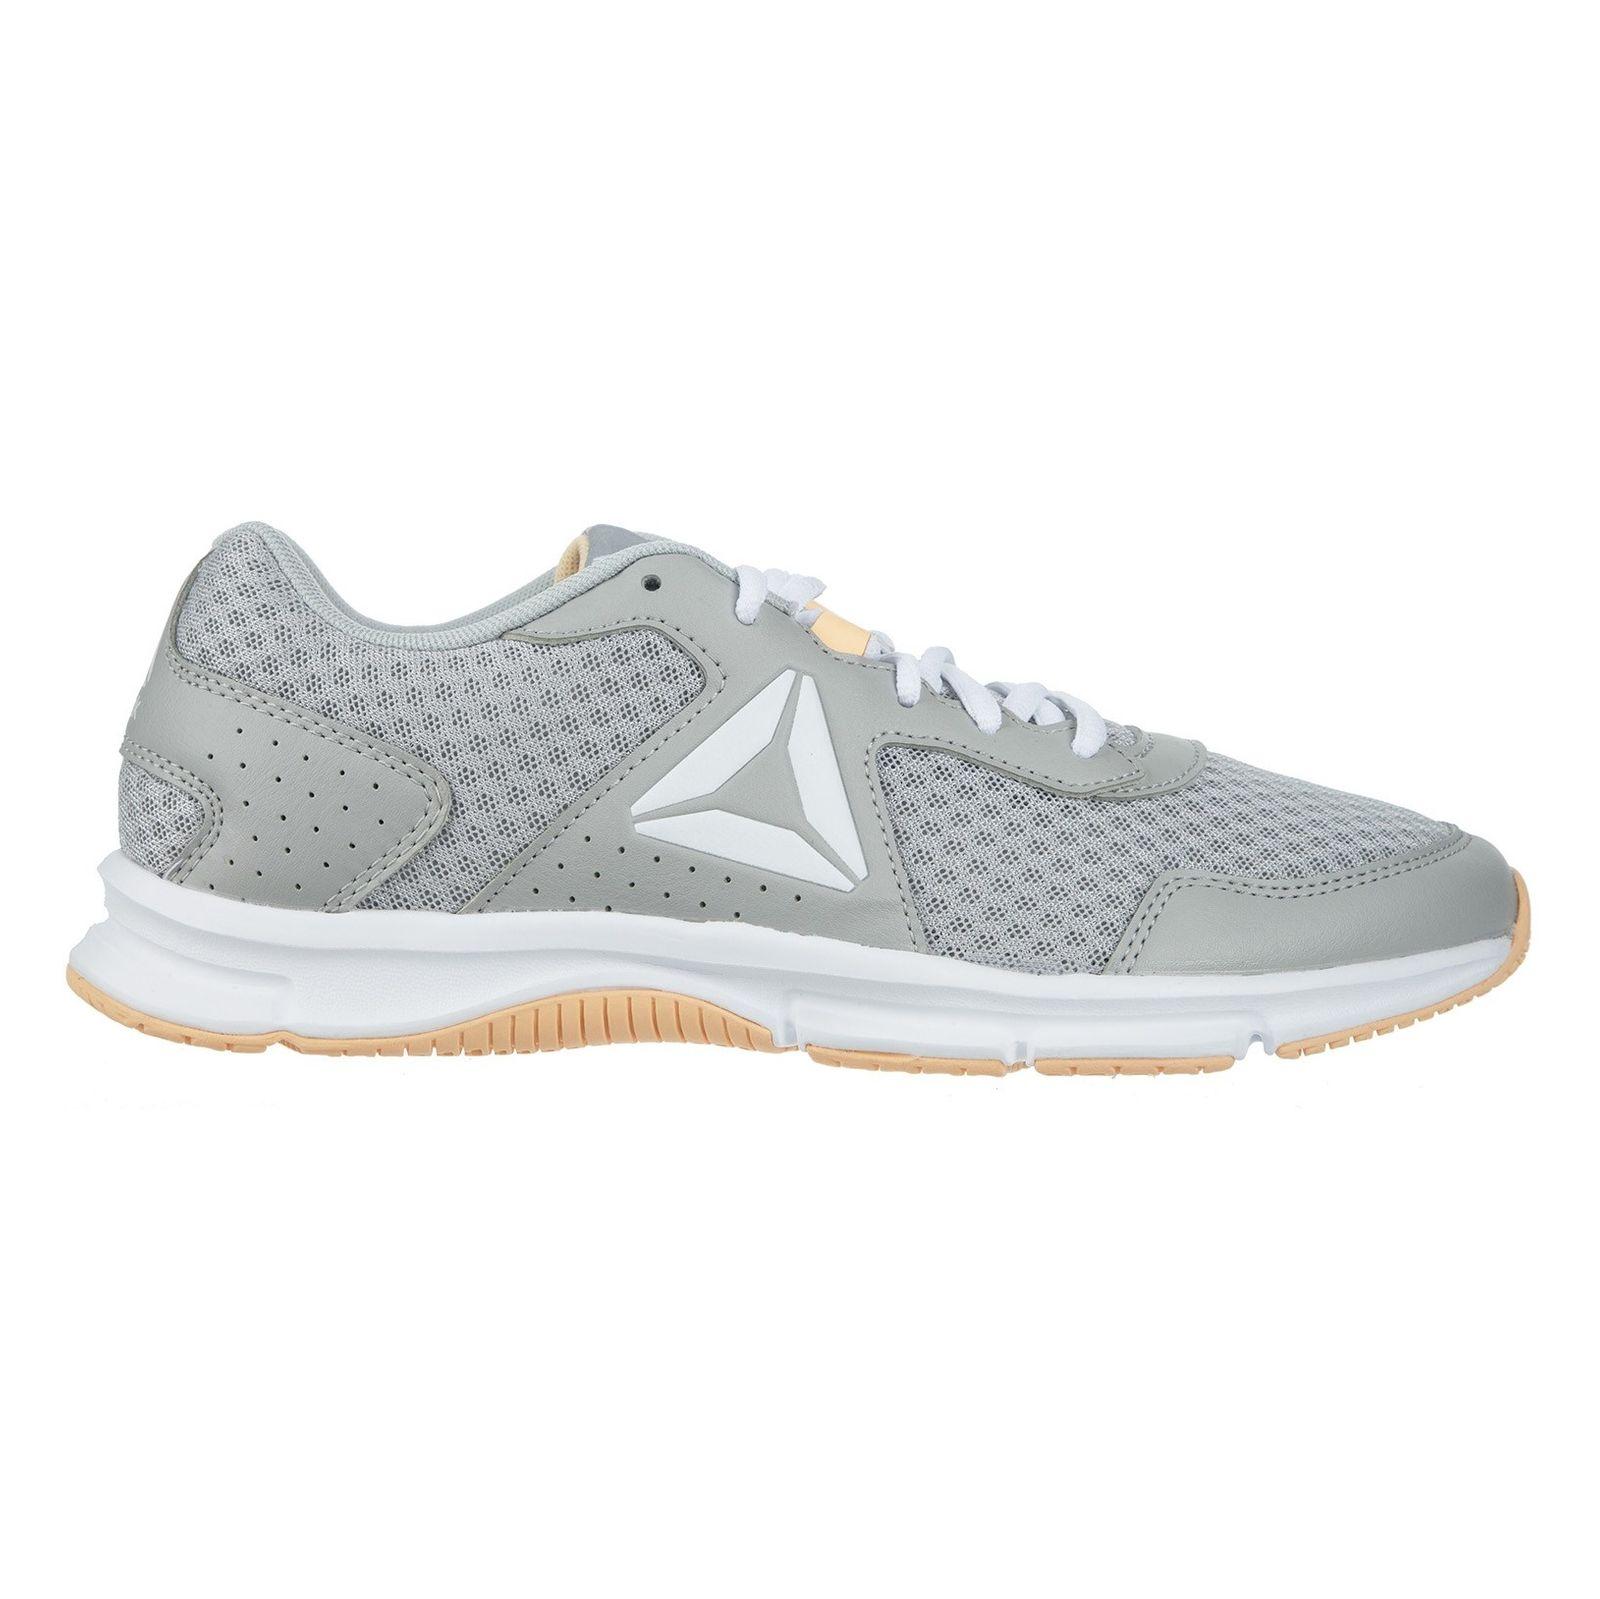 کفش مخصوص دویدن زنانه ریباک مدل Express - طوسي - 1